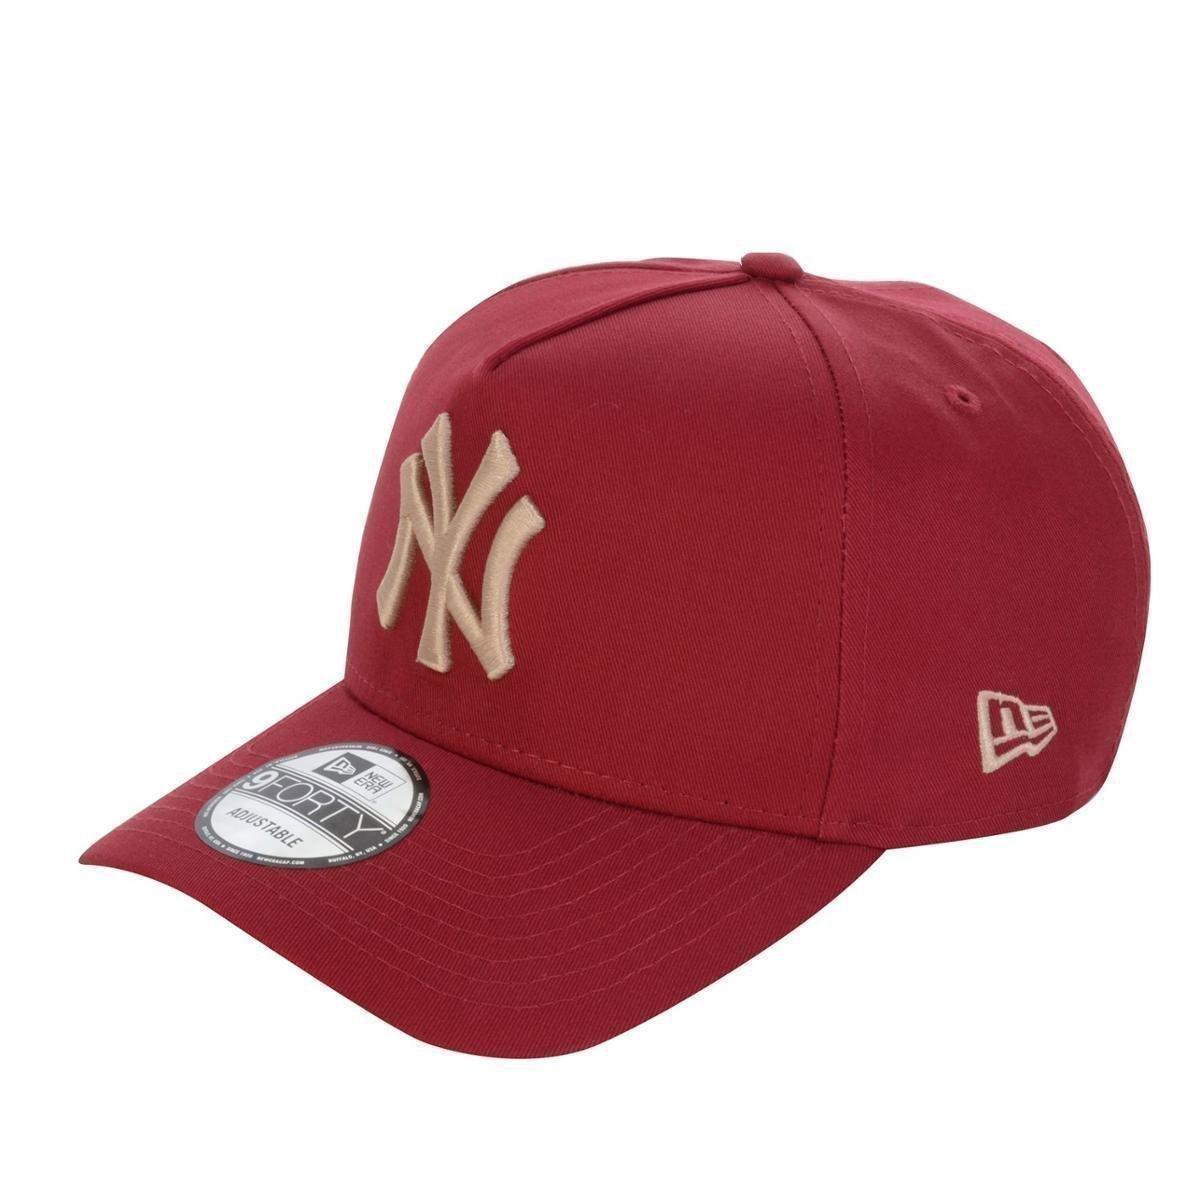 Boné New York Yankees 940 Veranito Logo Vermelho Dourado - New Era -  Vermelho - Compre Agora  3c50b823cd0